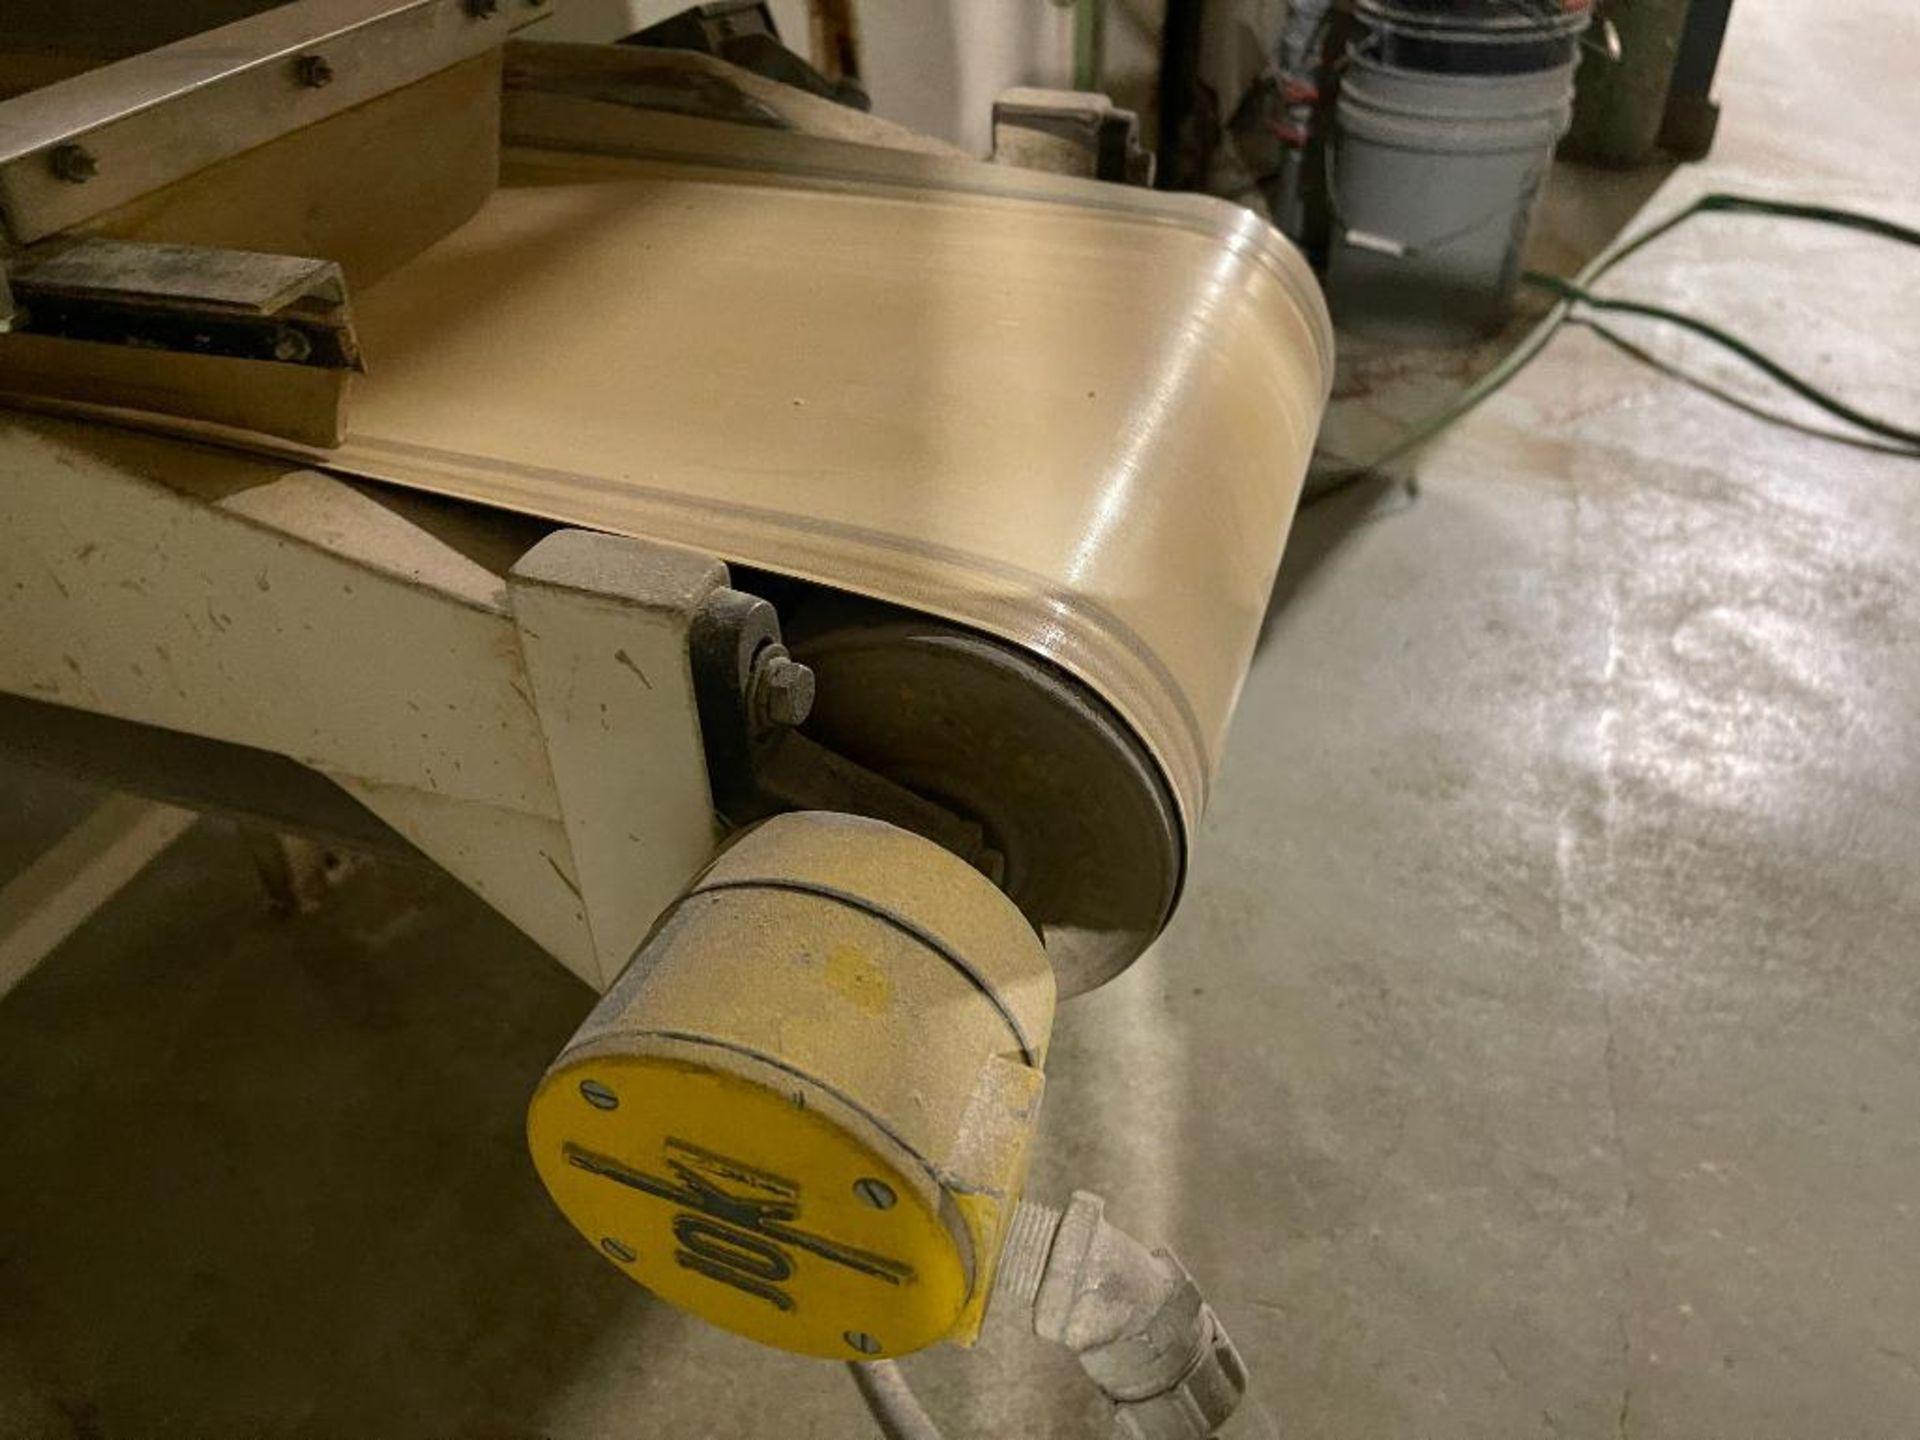 mild steel belt conveyor - Image 4 of 16